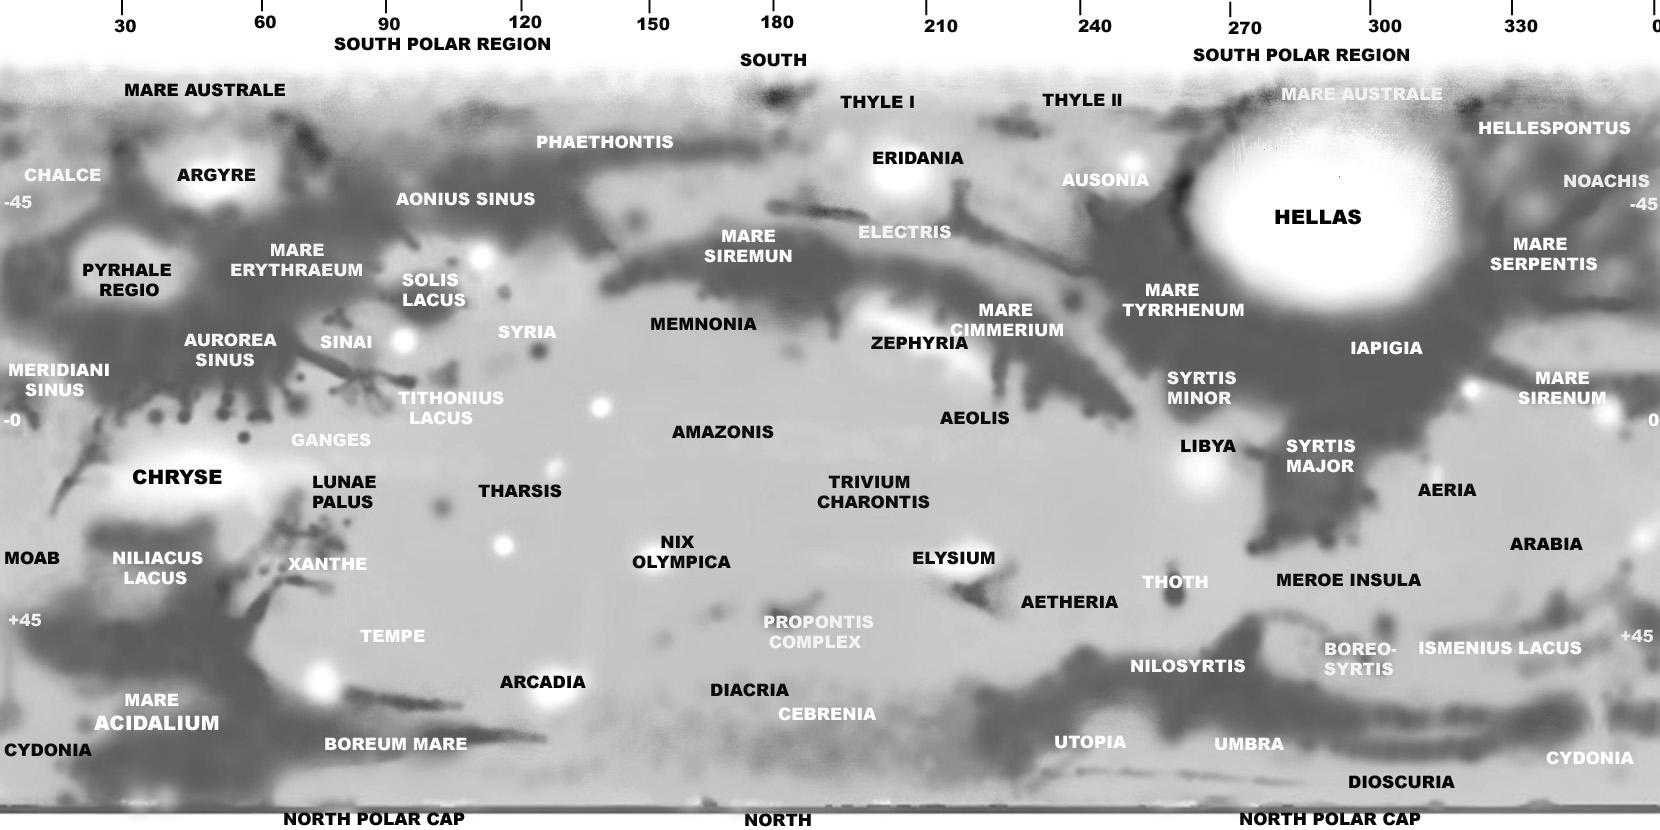 Marte e calotas gelo polares no Mak 90? Marsmap